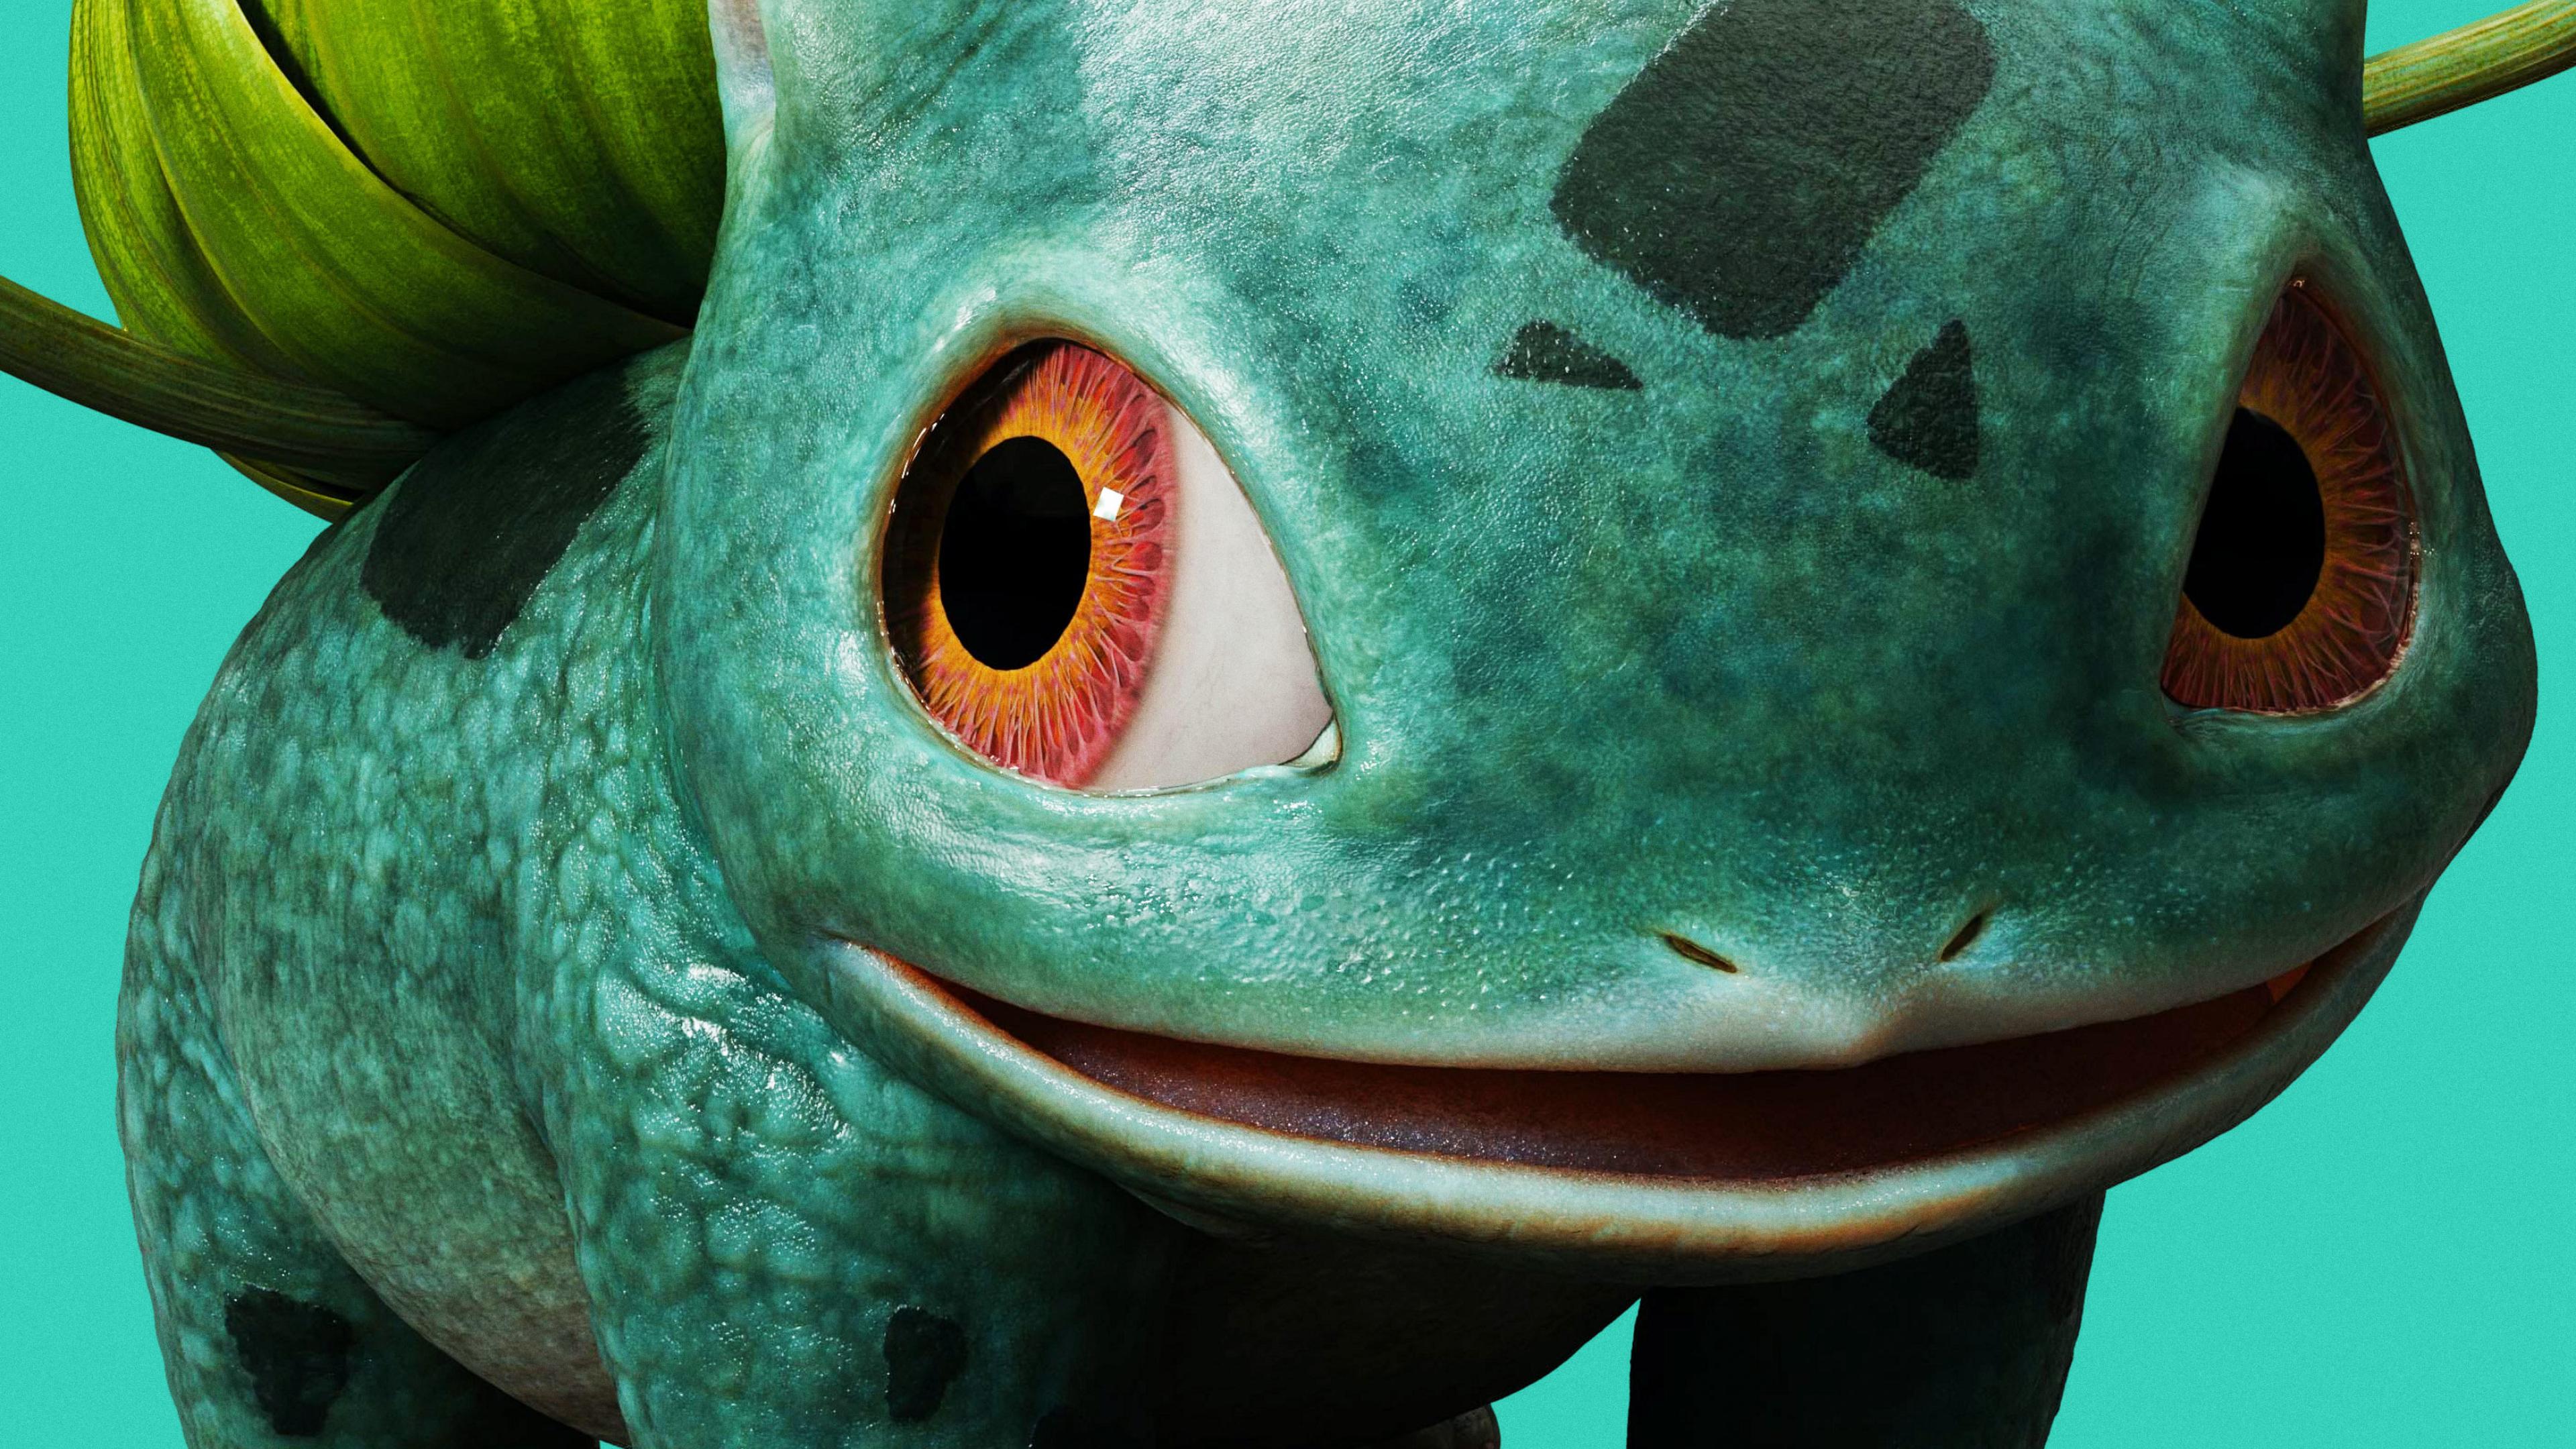 3840x2160 Bulbasaur Pokemon Detective Pikachu Movie 4k